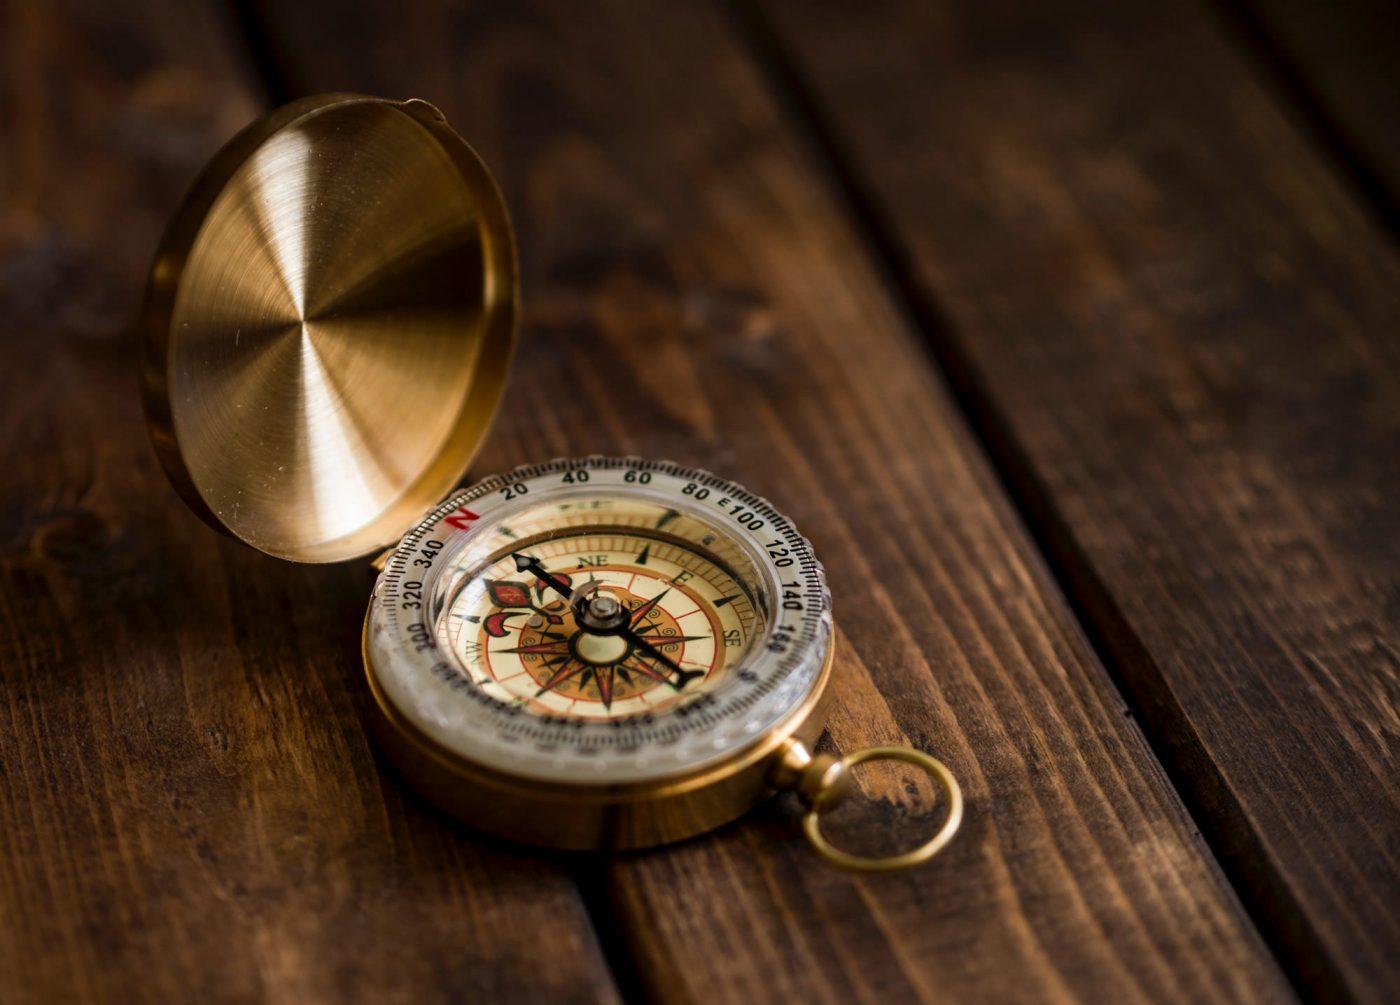 Ein Kompass in goldenem Gehäuse auf einem dunklen Holztisch.